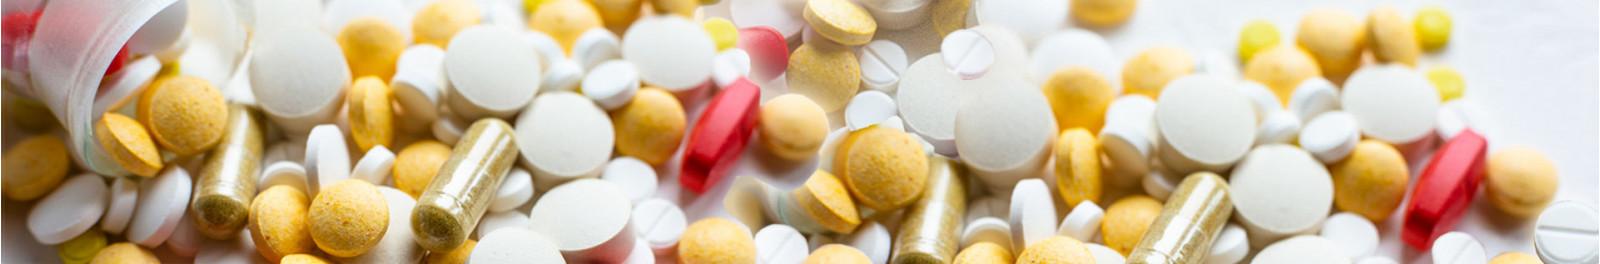 Probióticos, Nutracêuticos e Suplementos